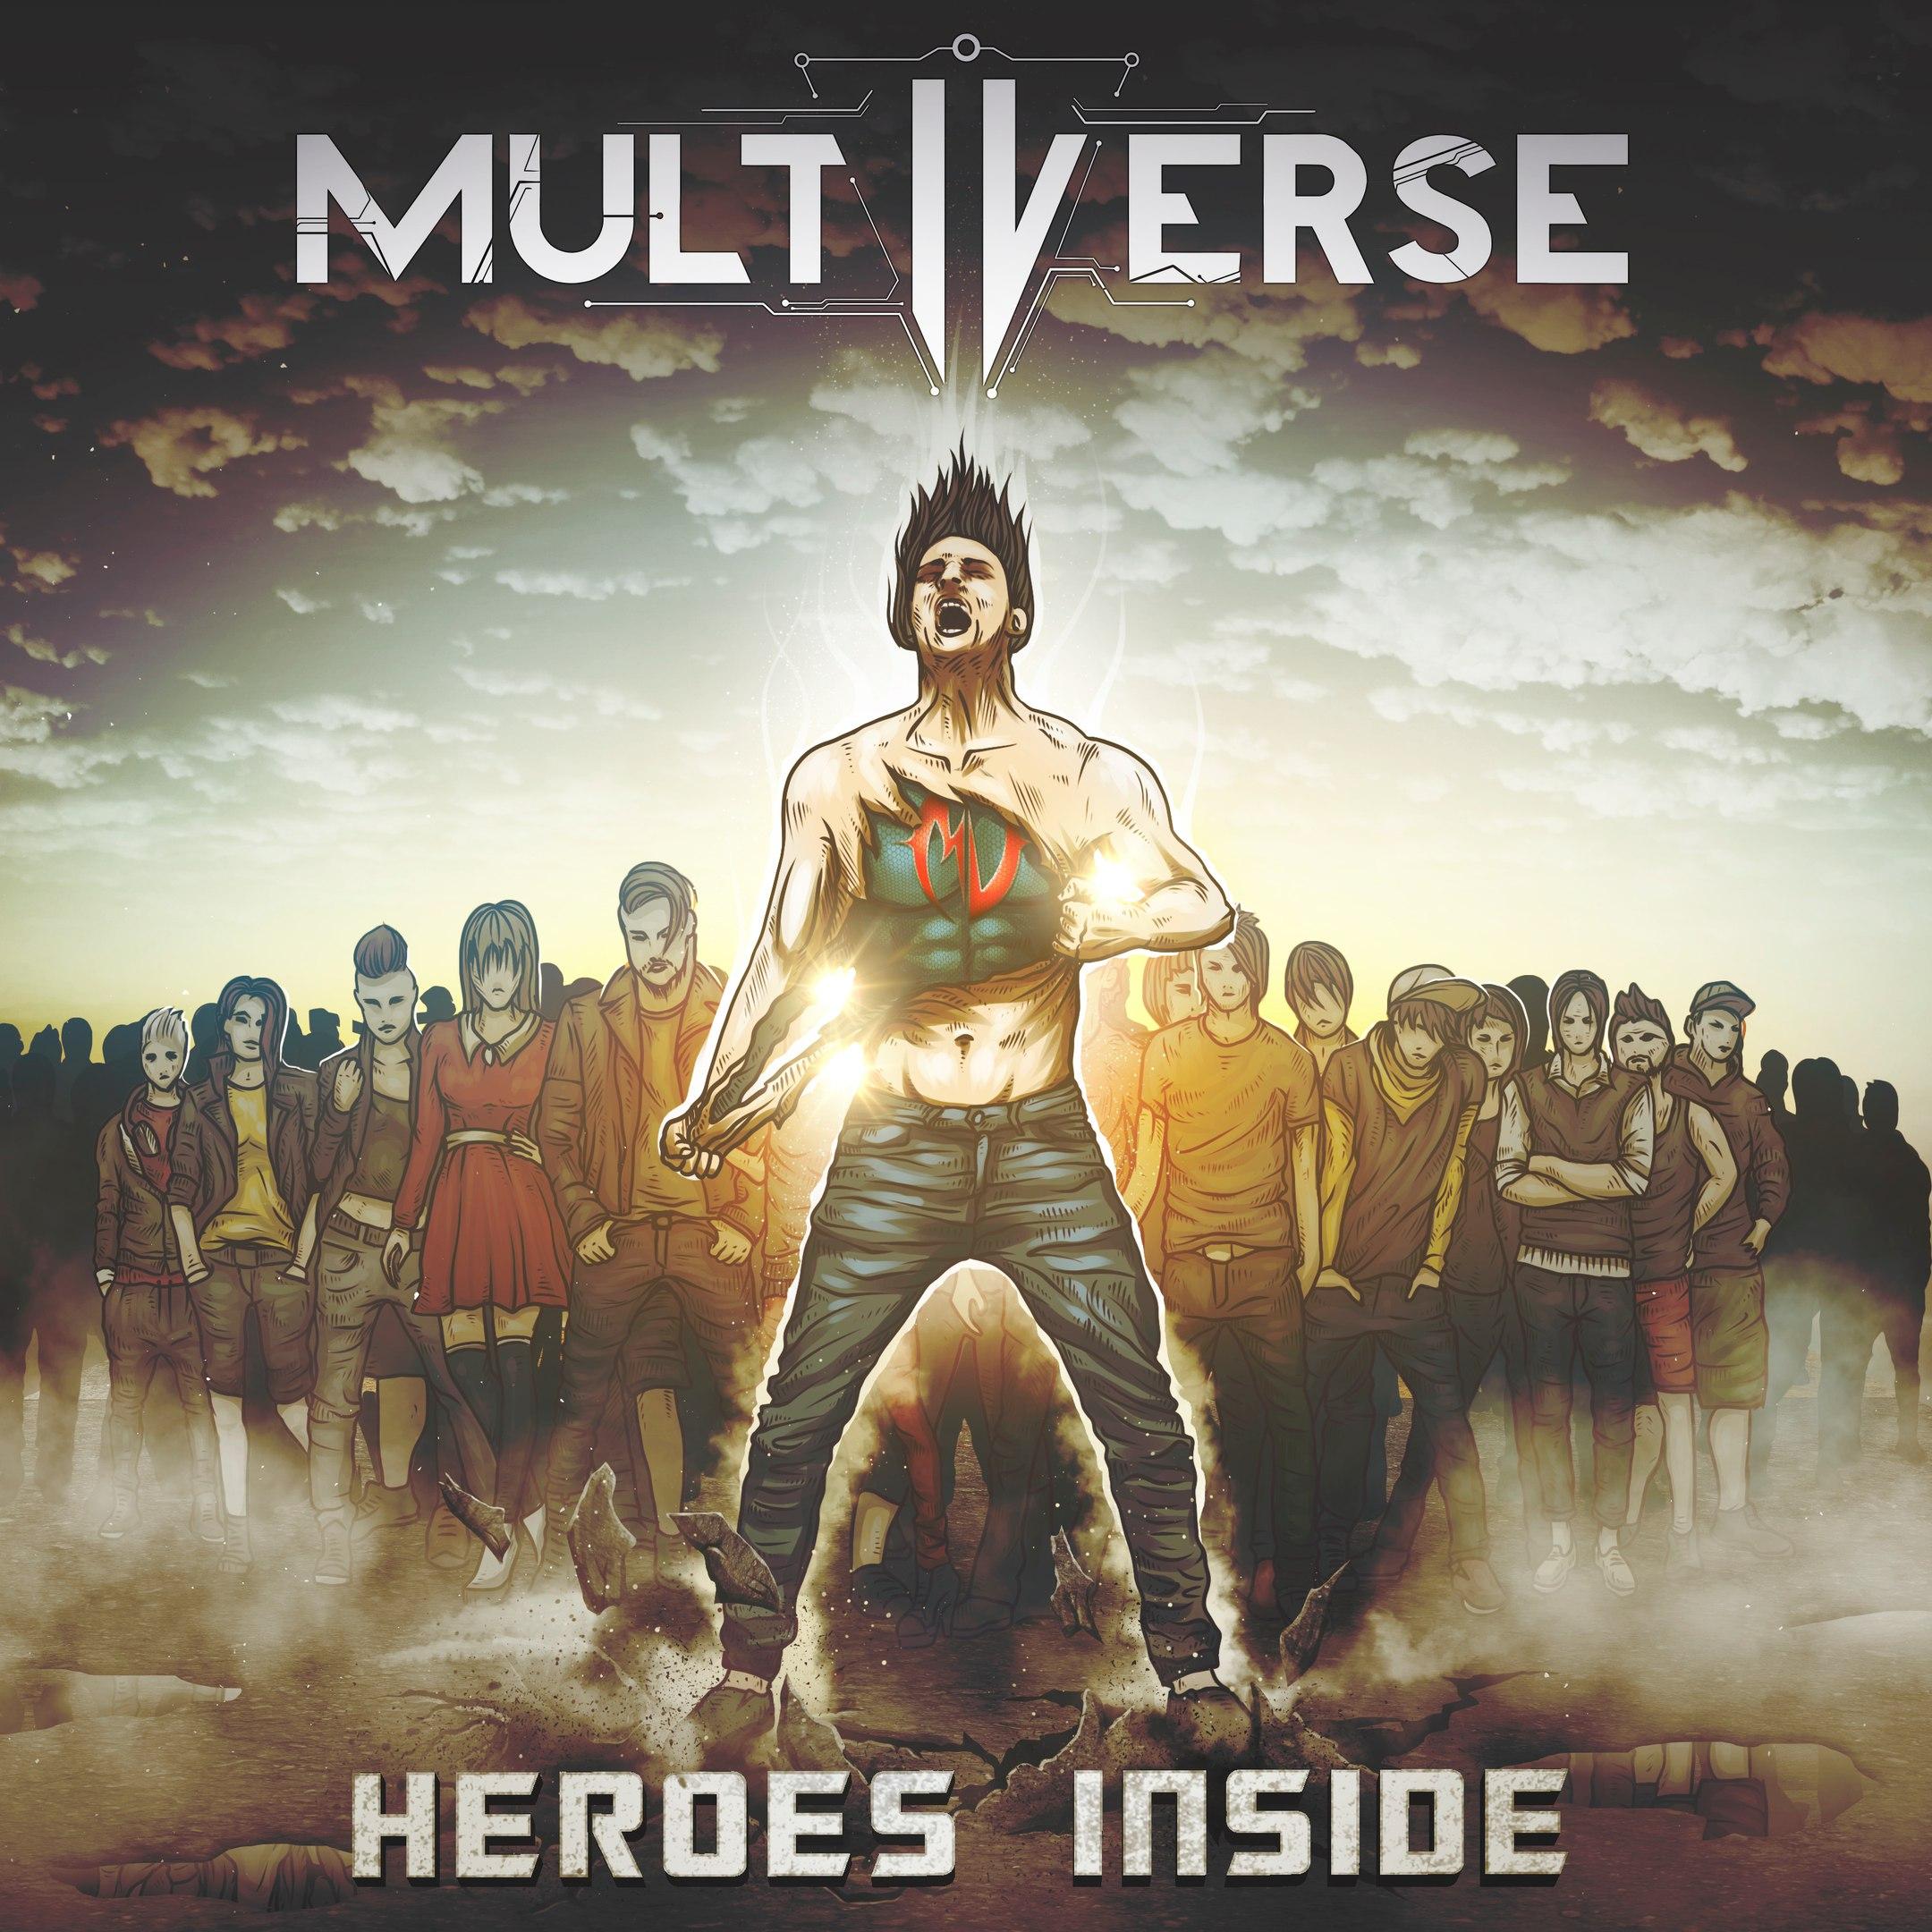 Heroes inside